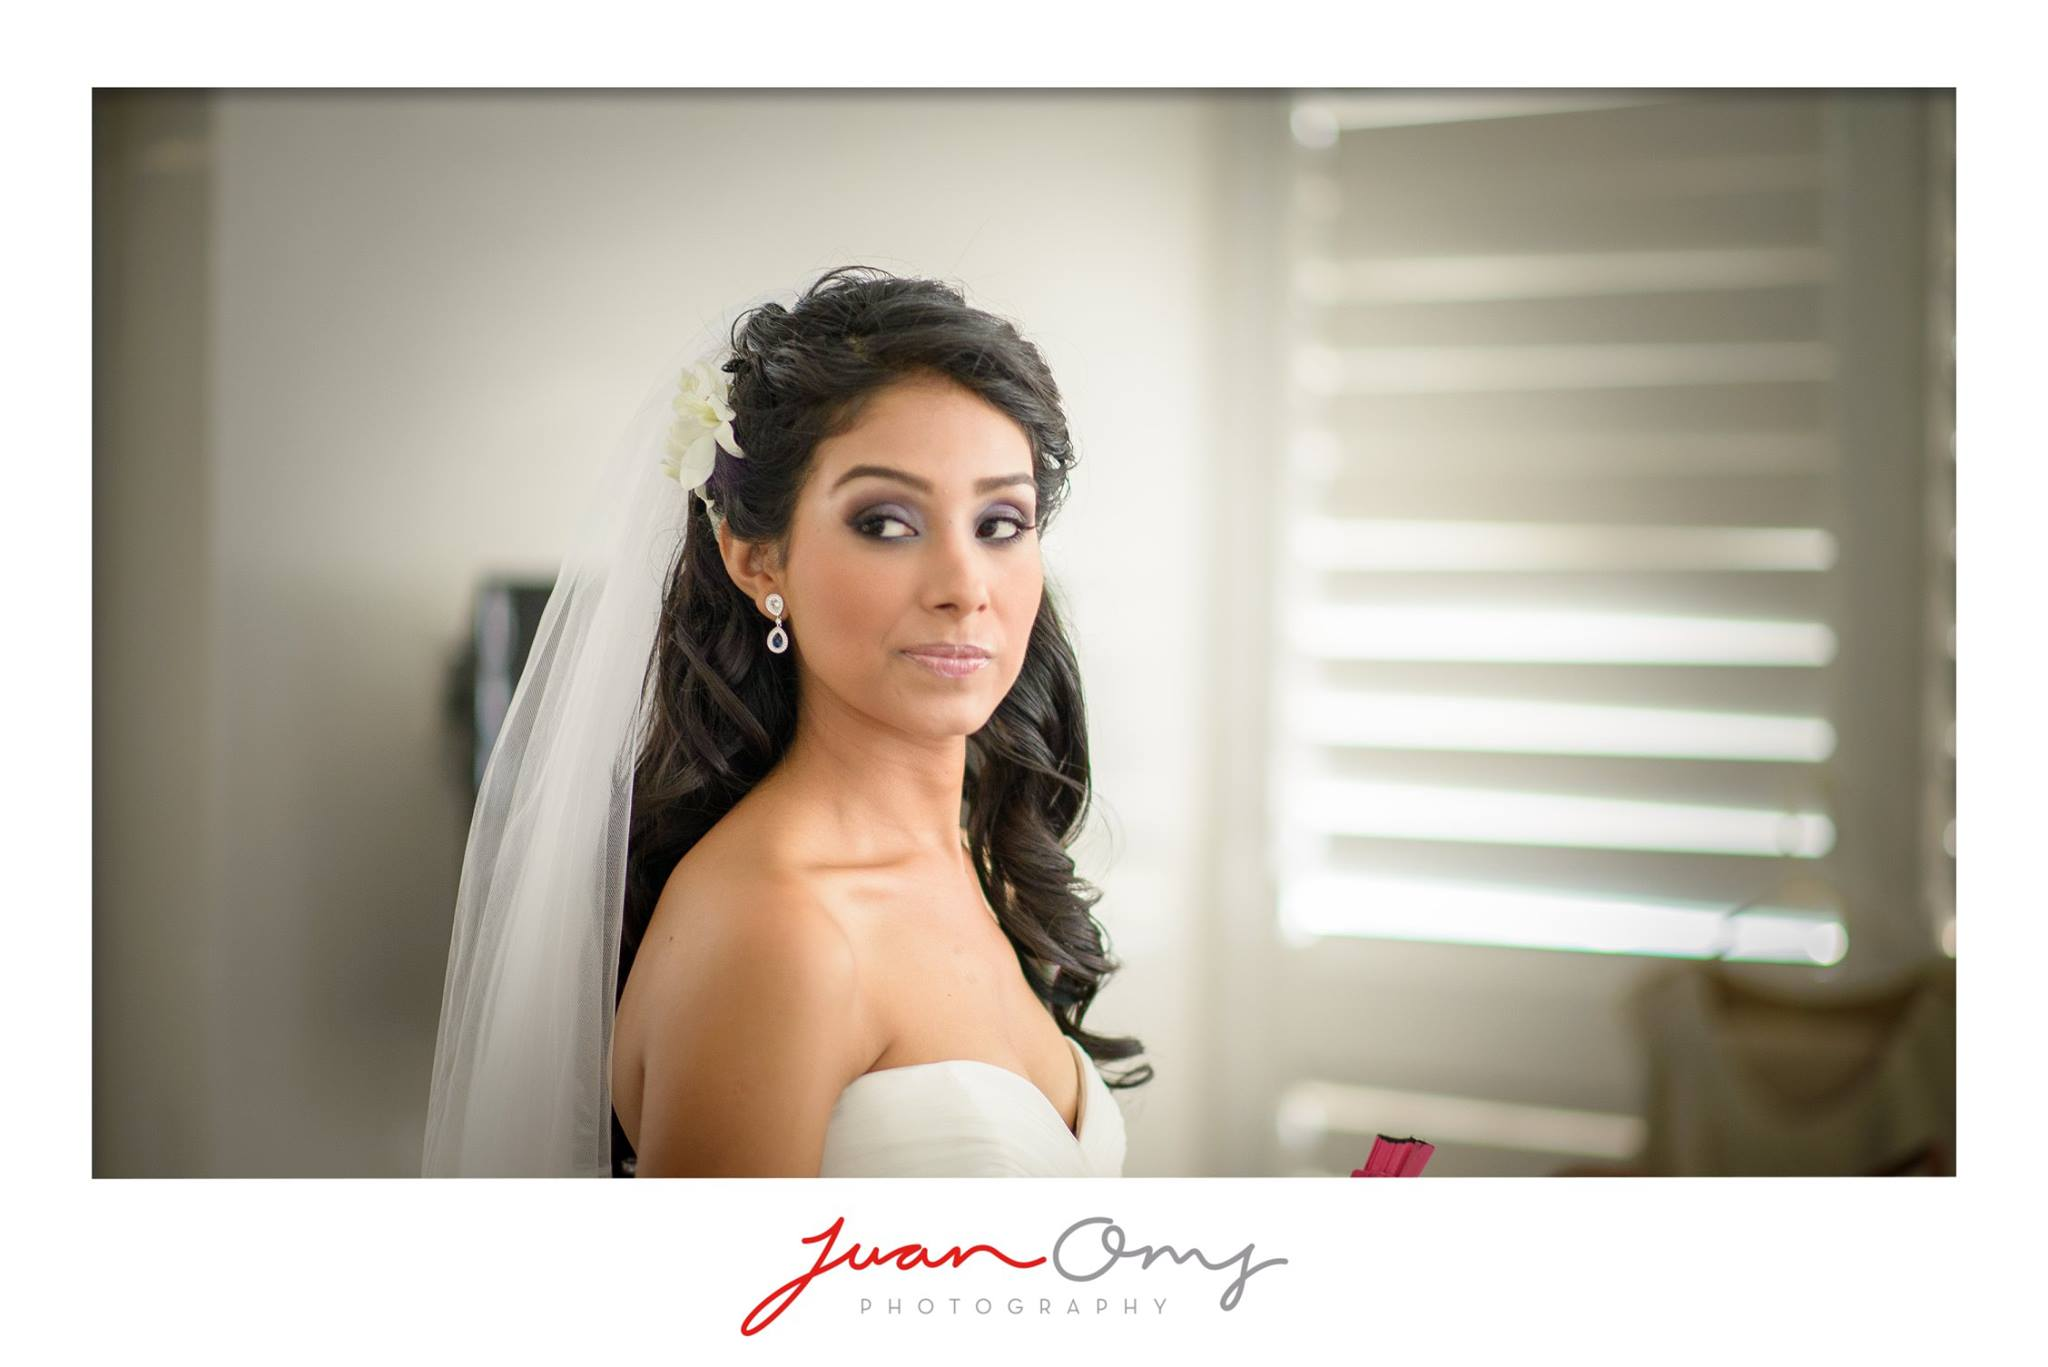 Juan Oms Photography